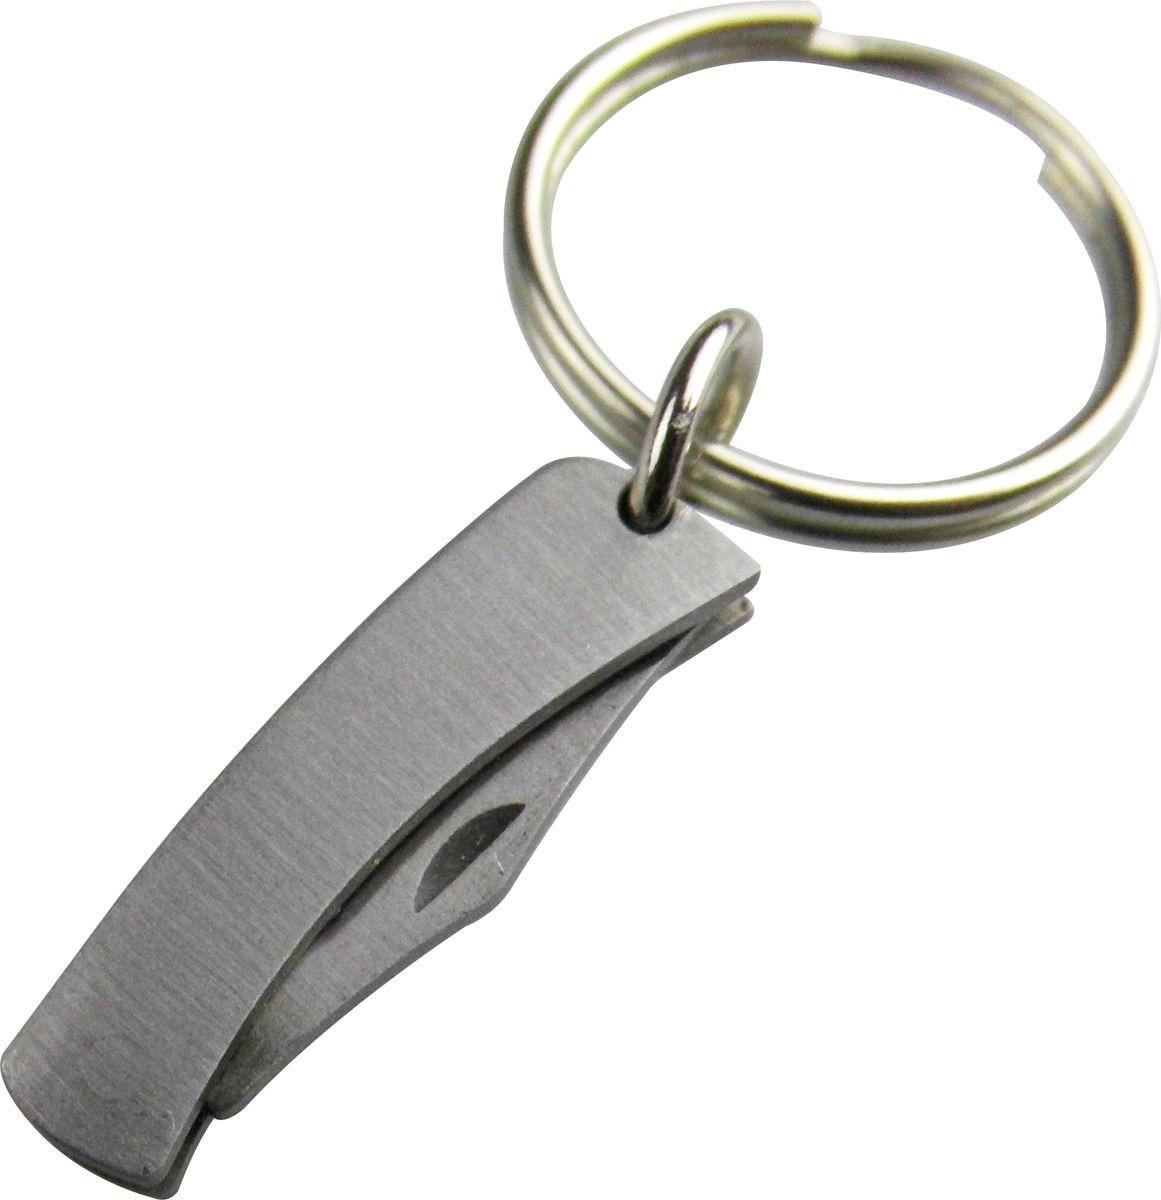 Брелок-нож Munkees Микро, цвет: серебристый2525Брелок Микро Нож.Невероятно миниатюрый складной нож-брелок с фиксатором и стальным кольцом для подвешивания связки ключей. Общая длина ножа в разложенном виде 42 мм. Но не стоит его недооценивать. Он действительно хорошо заточен.Нож полностью выполнен из нержавеющей стали. Что не позволит внешнему виду испортиться в жесткой среде с постоянным трением о другие металлические ключи. Главное - нож всегда под рукой, что бы ни случилось. Приведем некоторые ситуации, в которых именно это карманный нож может пригодиться любому человеку:1. Открытие коробки. Особенно части с скотчем2. Перерезание веревки, завязок, узлов, кабелей, проводов3. Заточка карандаша4. Открытие письма. Несомненно, можно использовать и палец, но использование ножа гораздо более удобно6. Проделывания дырки или отверстия, к примеру, в тяжелой коробке, что бы сделать себе удобные ручки, и т.д. MUNKEES® - FUN & FUNCTION*THE ORIGINAL** - Гарантия качества оригинальных MUNKEES!* Весело и функционально.** Оригинальный продукт.